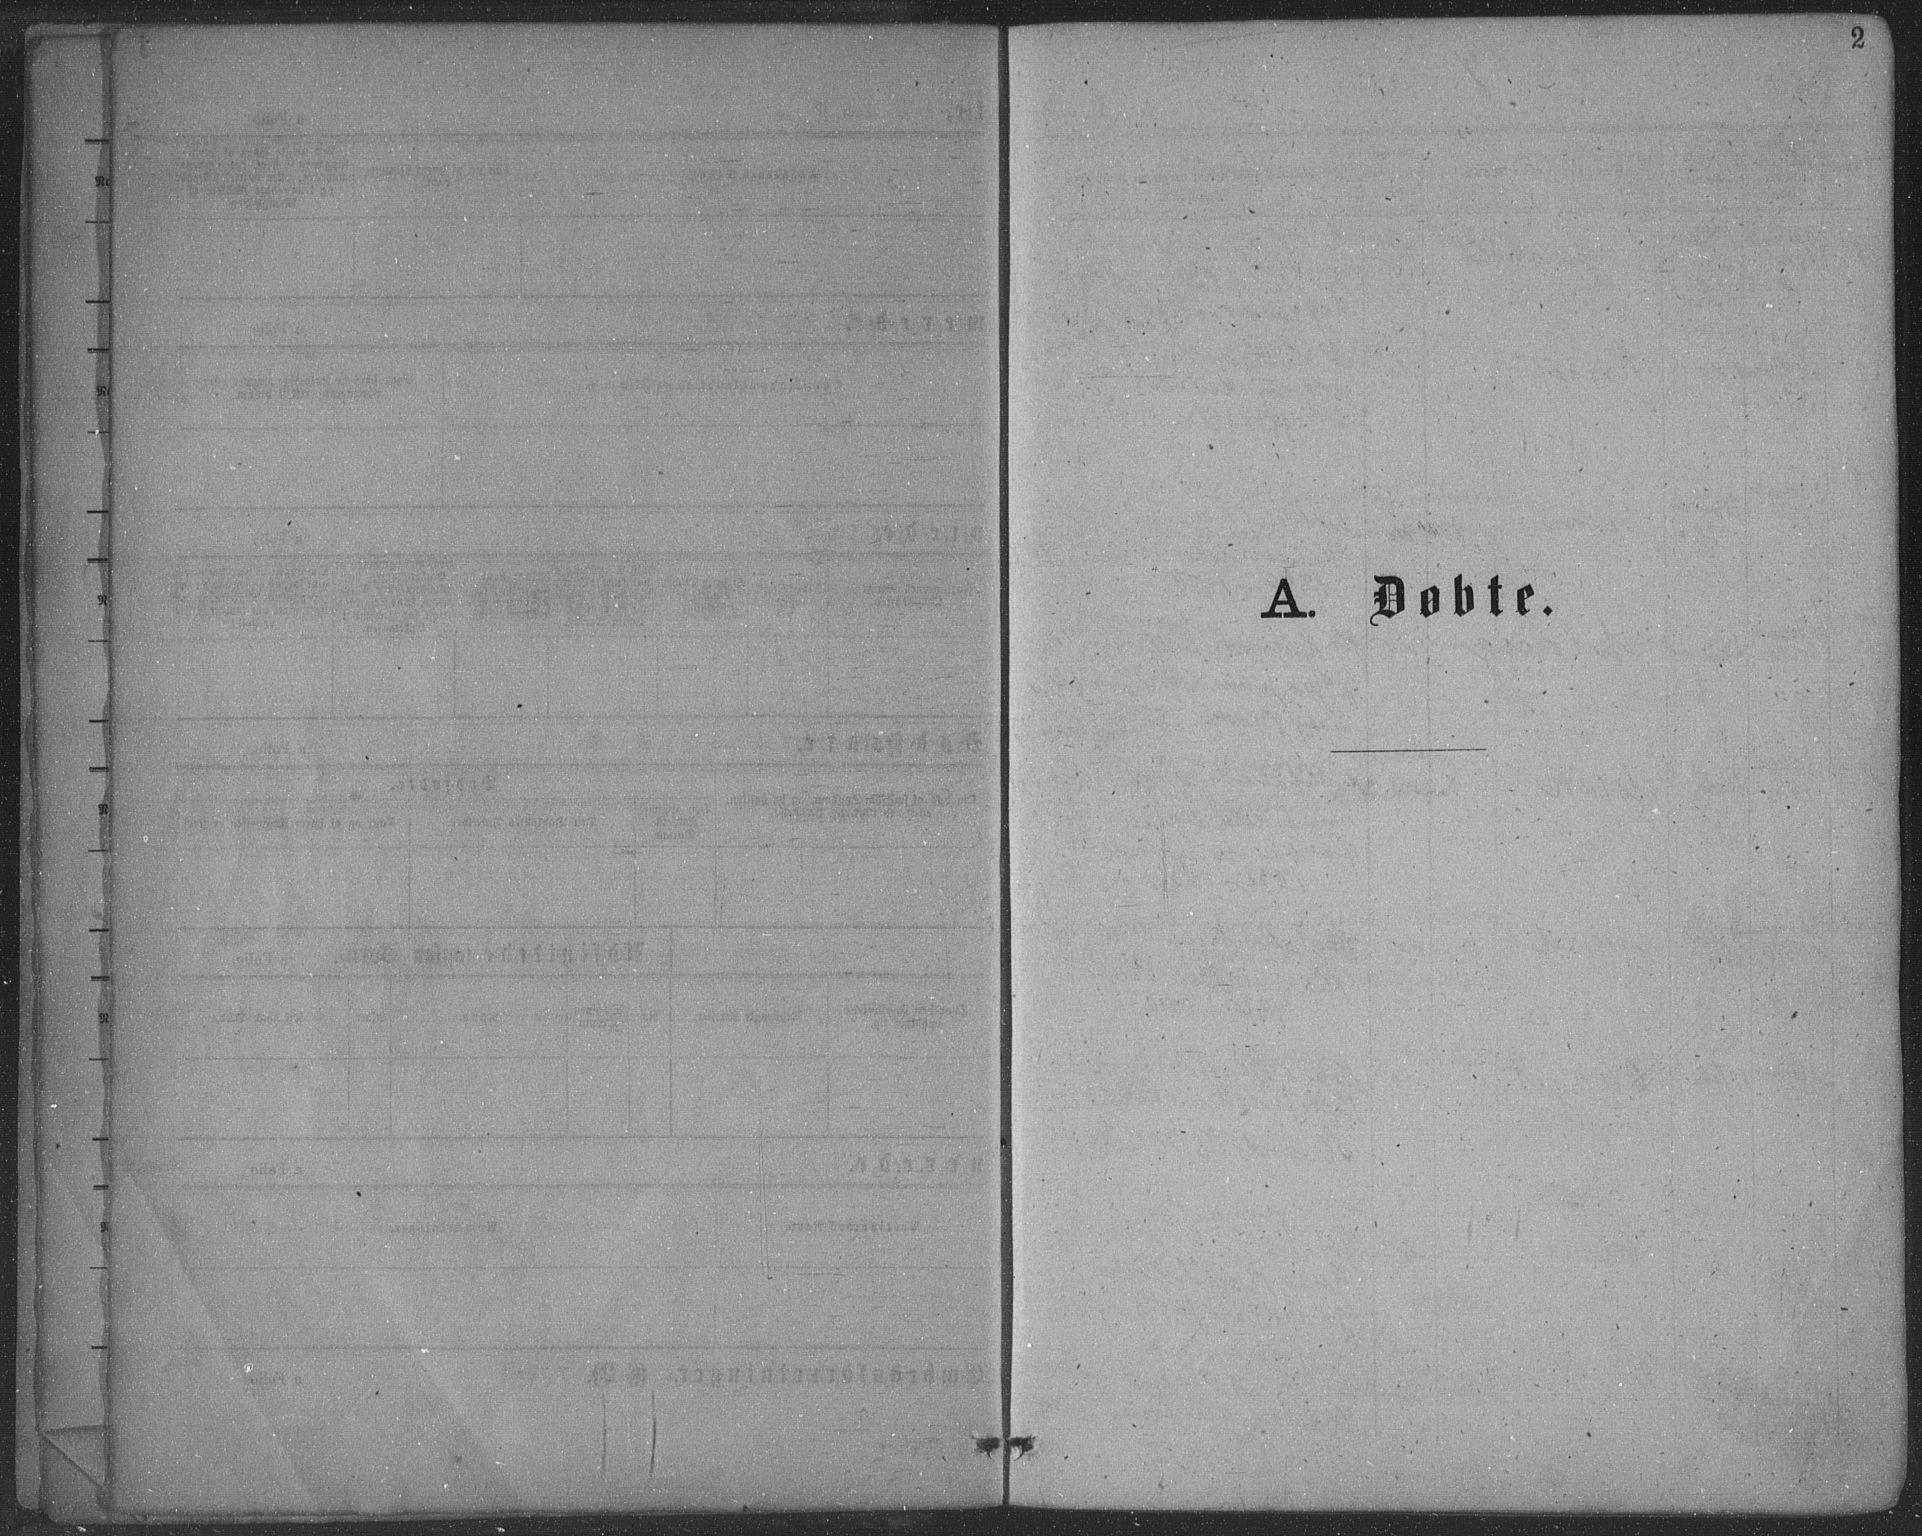 SAKO, Seljord kirkebøker, F/Fa/L0014: Ministerialbok nr. I 14, 1877-1886, s. 2